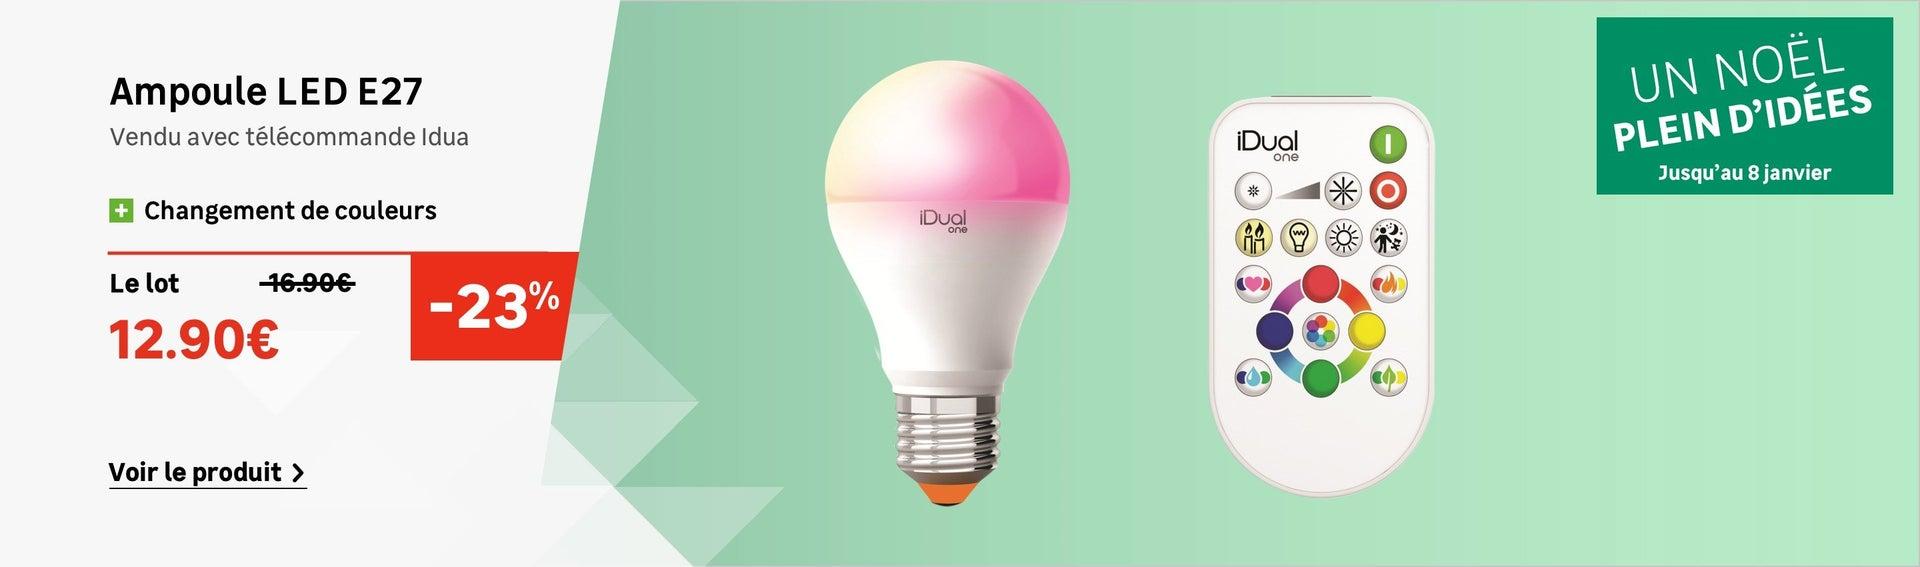 Ampoule LED standard E27 + télécommande